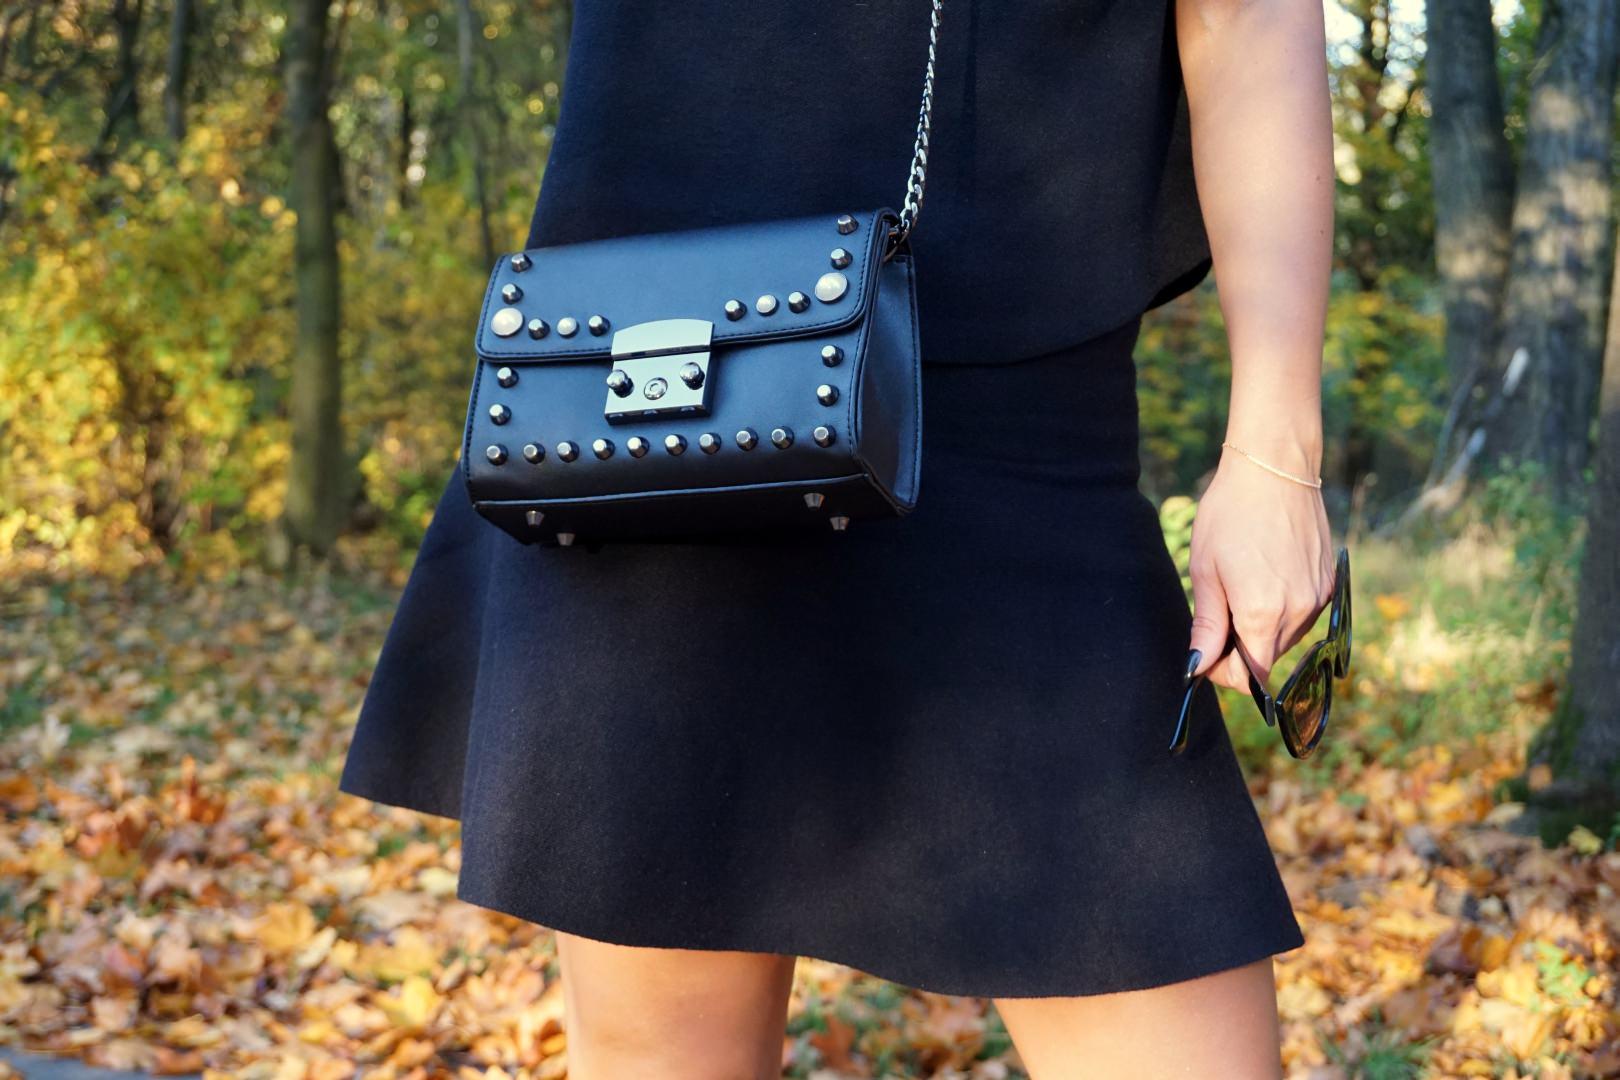 Modne damskie torebki listonoszki ⋆ Oshopping Blog